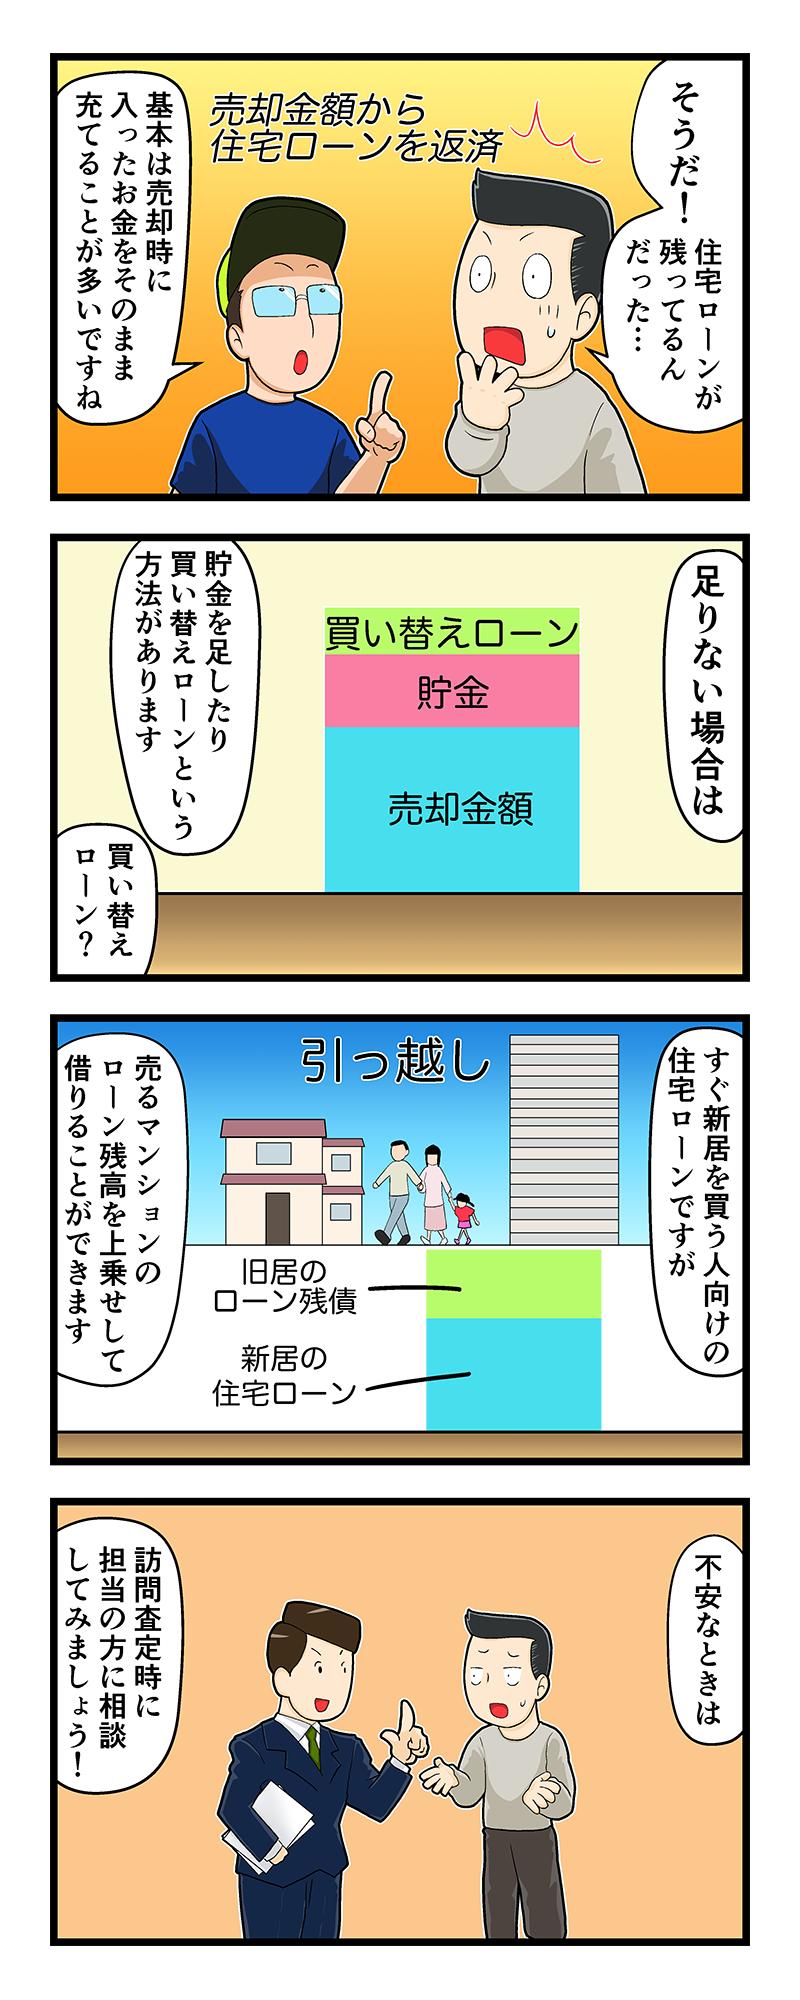 マンション売却講座四コマ漫画第4話